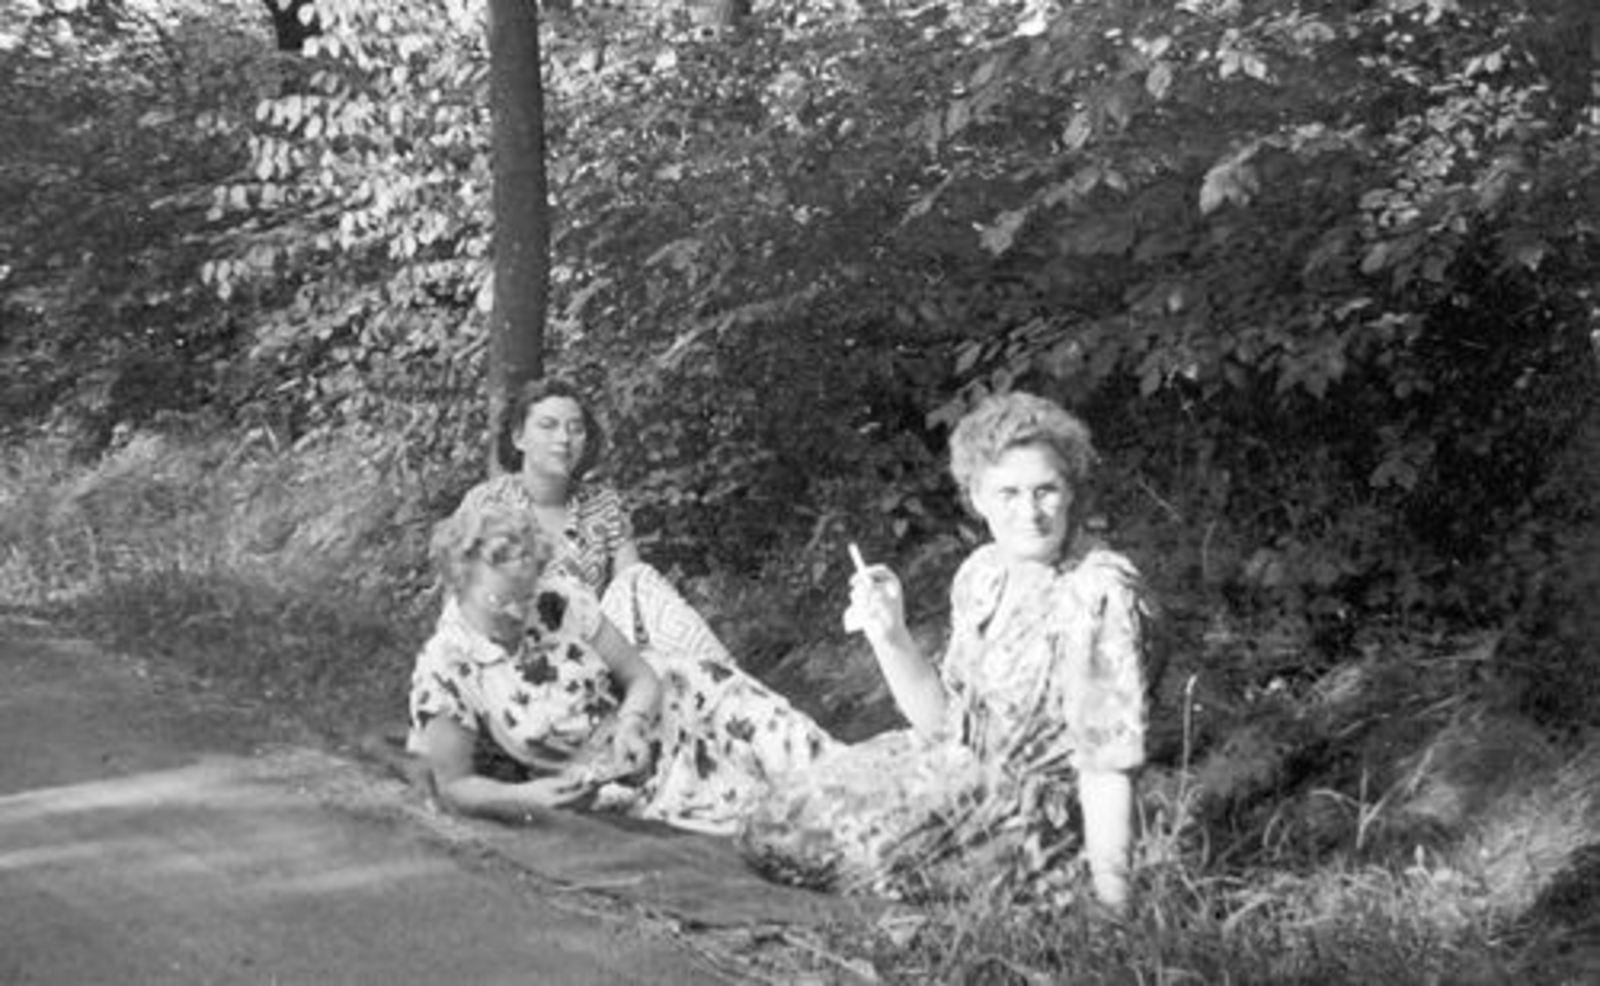 Helm Femmie vd 1952± Vakantie Belgie met Onbekend 02